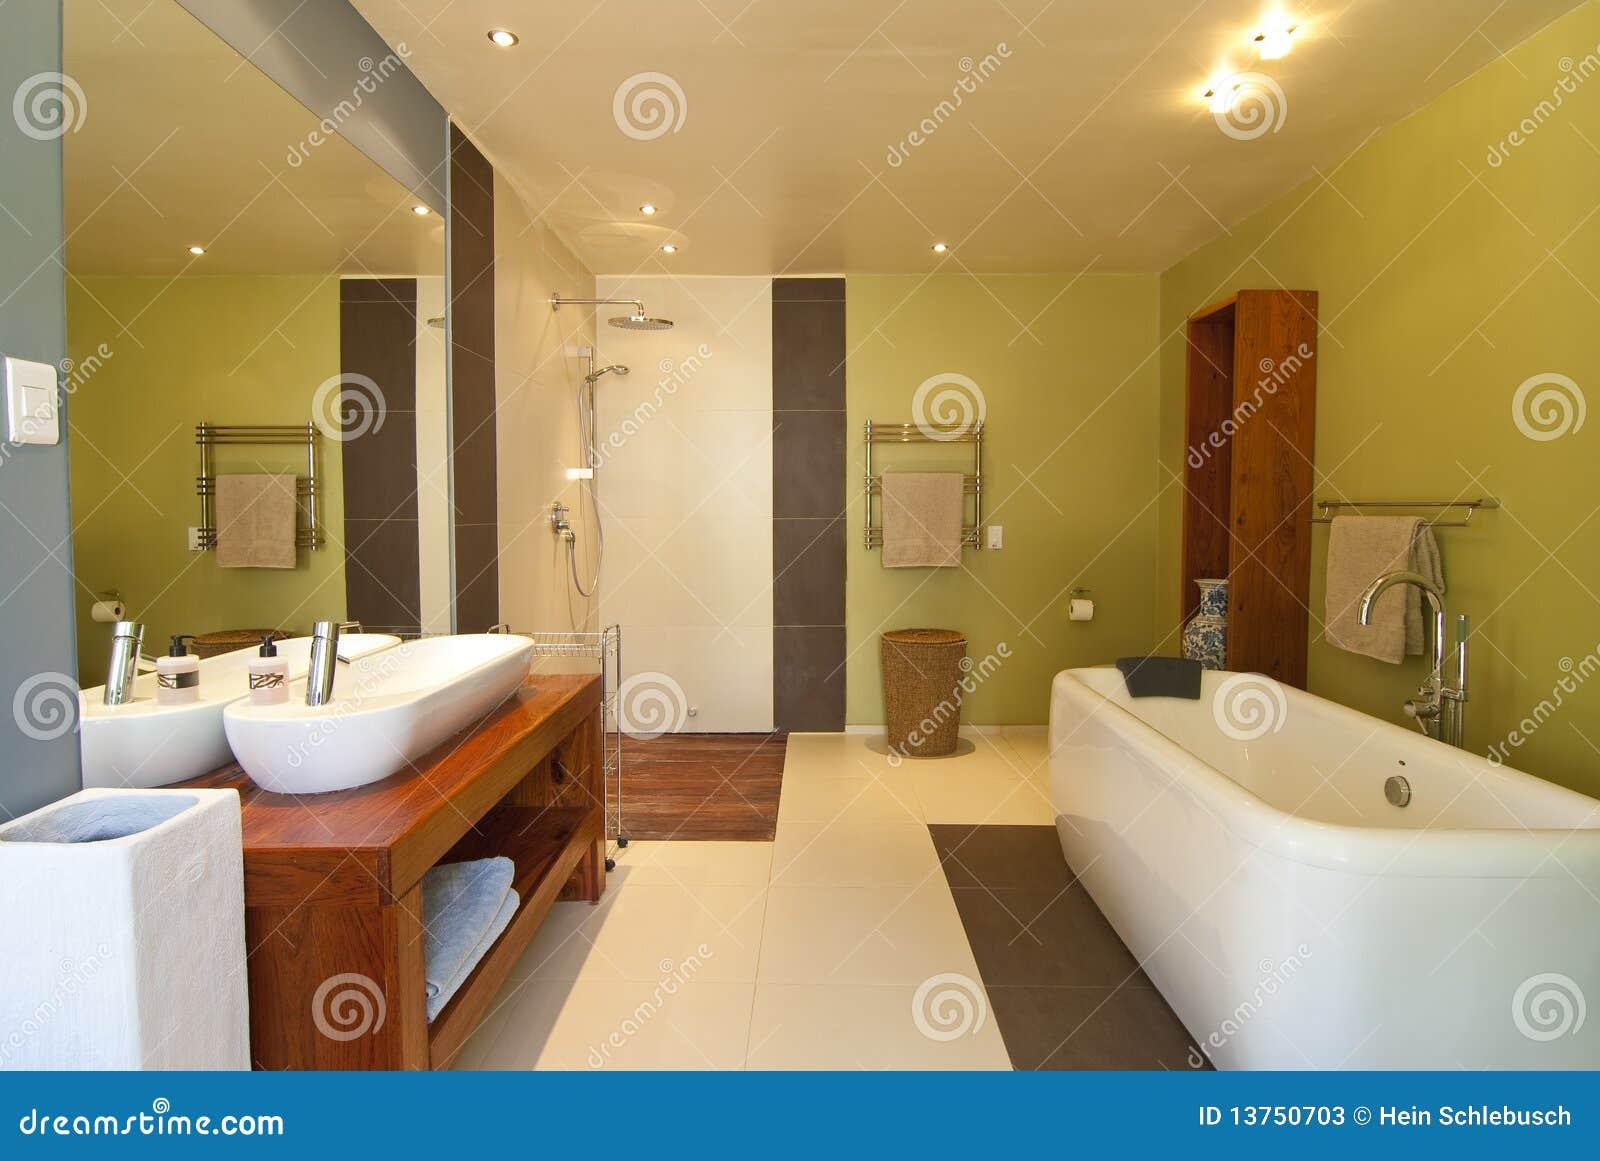 Moderne badkamers stock foto 39 s afbeelding 13750703 - Badkamers ...